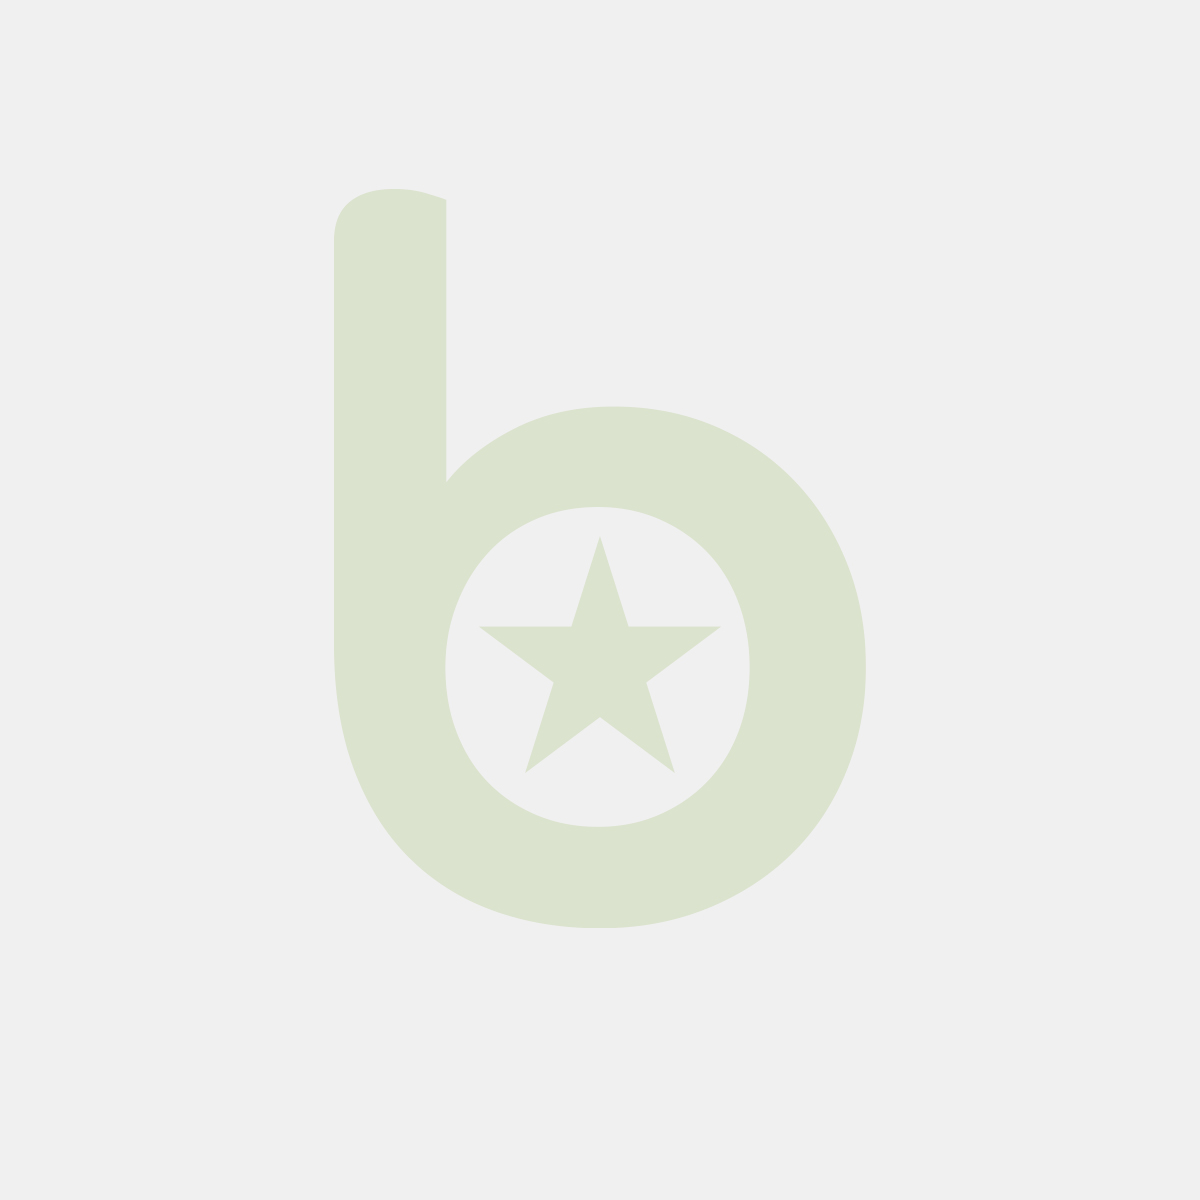 Ociekacz Do Pojemników Gn Z Poliwęglanu Gn 1/3